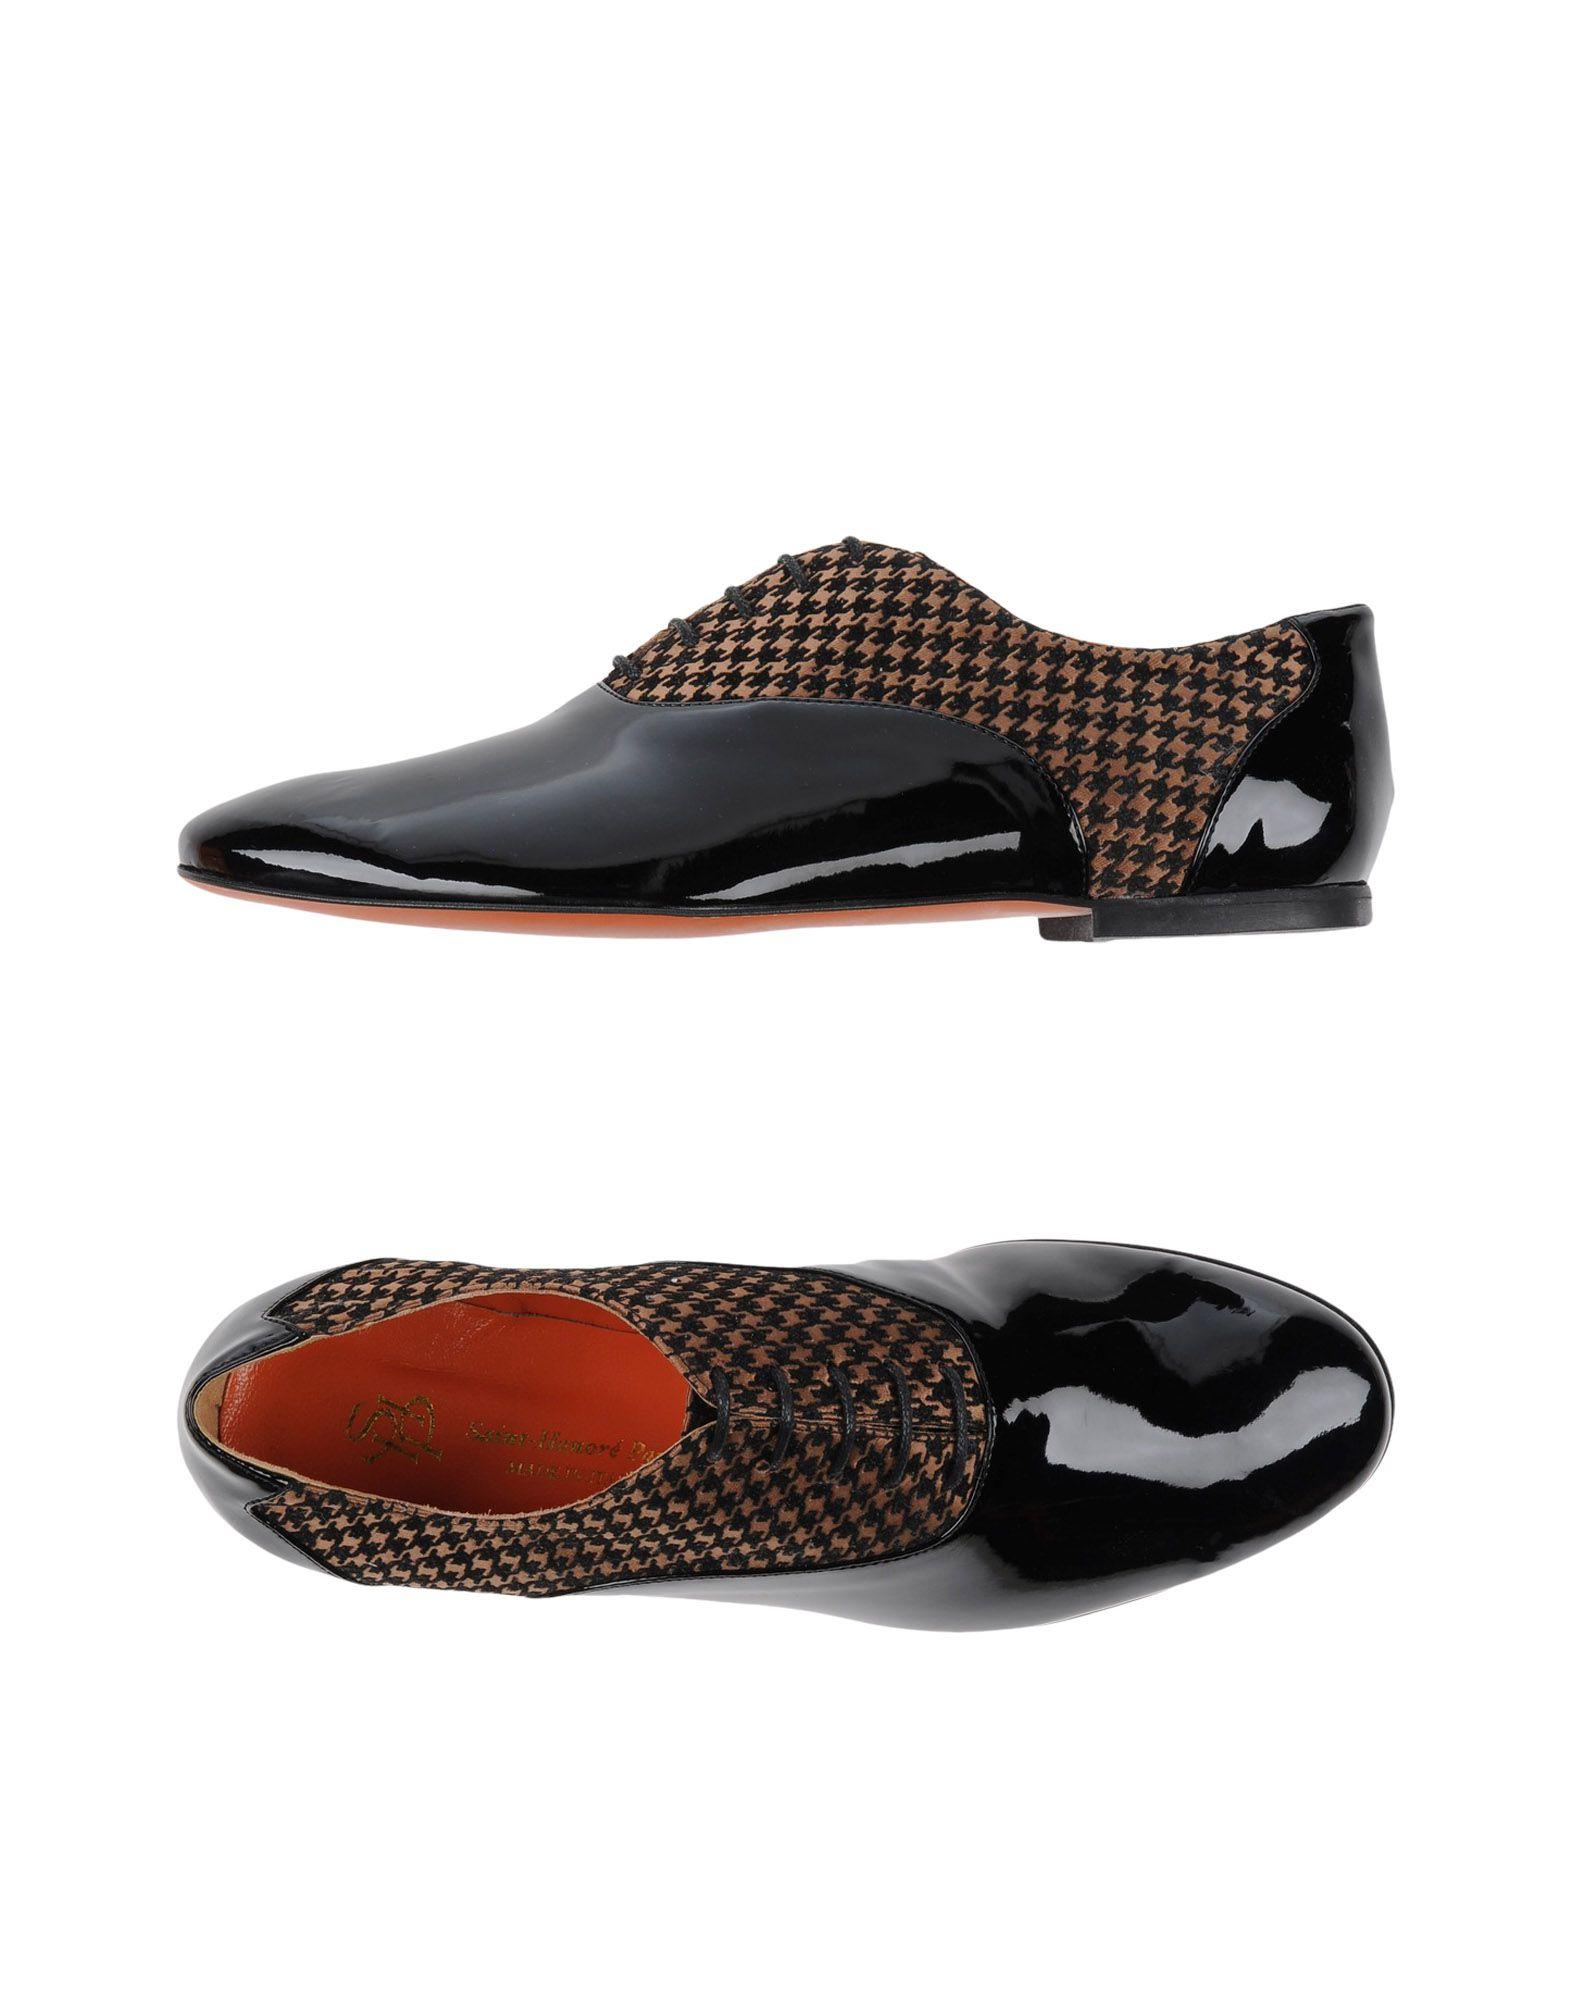 Chaussures À Lacets Saint-Honoré Paris Souliers Femme - Chaussures À Lacets Saint-Honoré Paris Souliers sur